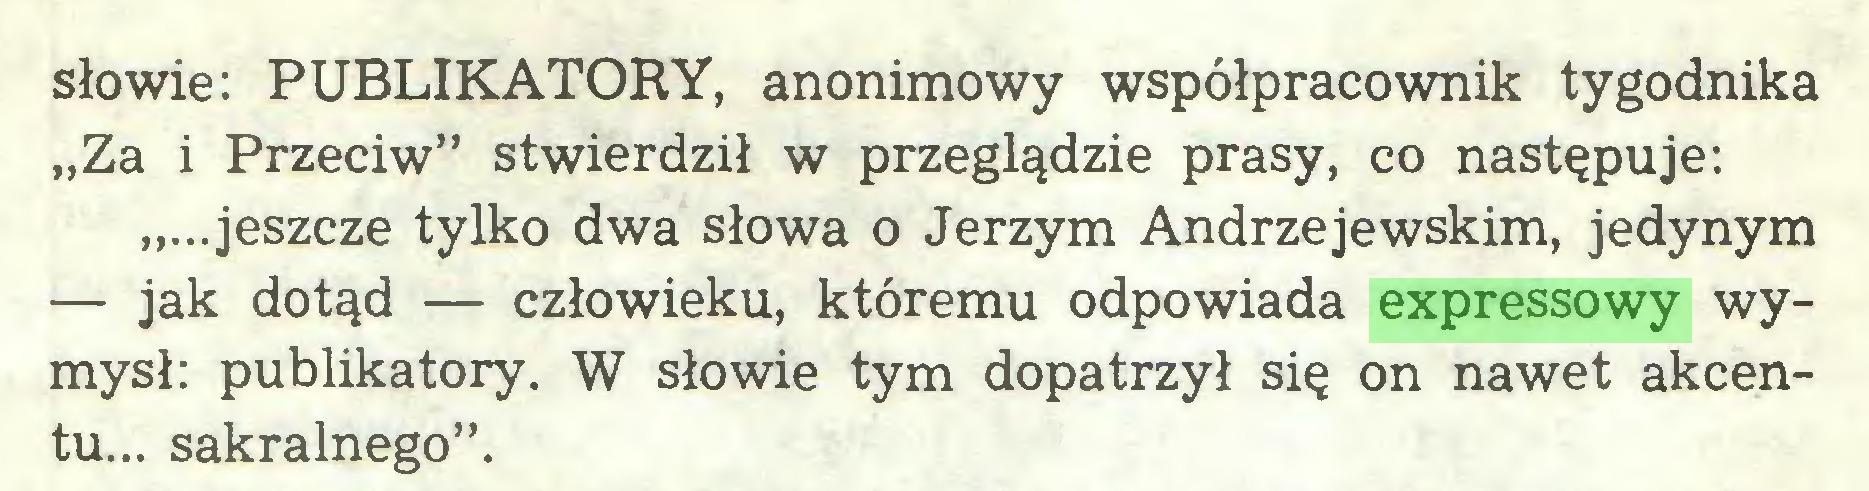 """(...) słowie: PUBLIKATORY, anonimowy współpracownik tygodnika """"Za i Przeciw"""" stwierdził w przeglądzie prasy, co następuje: """"...jeszcze tylko dwa słowa o Jerzym Andrzejewskim, jedynym — jak dotąd — człowieku, któremu odpowiada expressowy wymysł: publikatory. W słowie tym dopatrzył się on nawet akcentu... sakralnego""""..."""